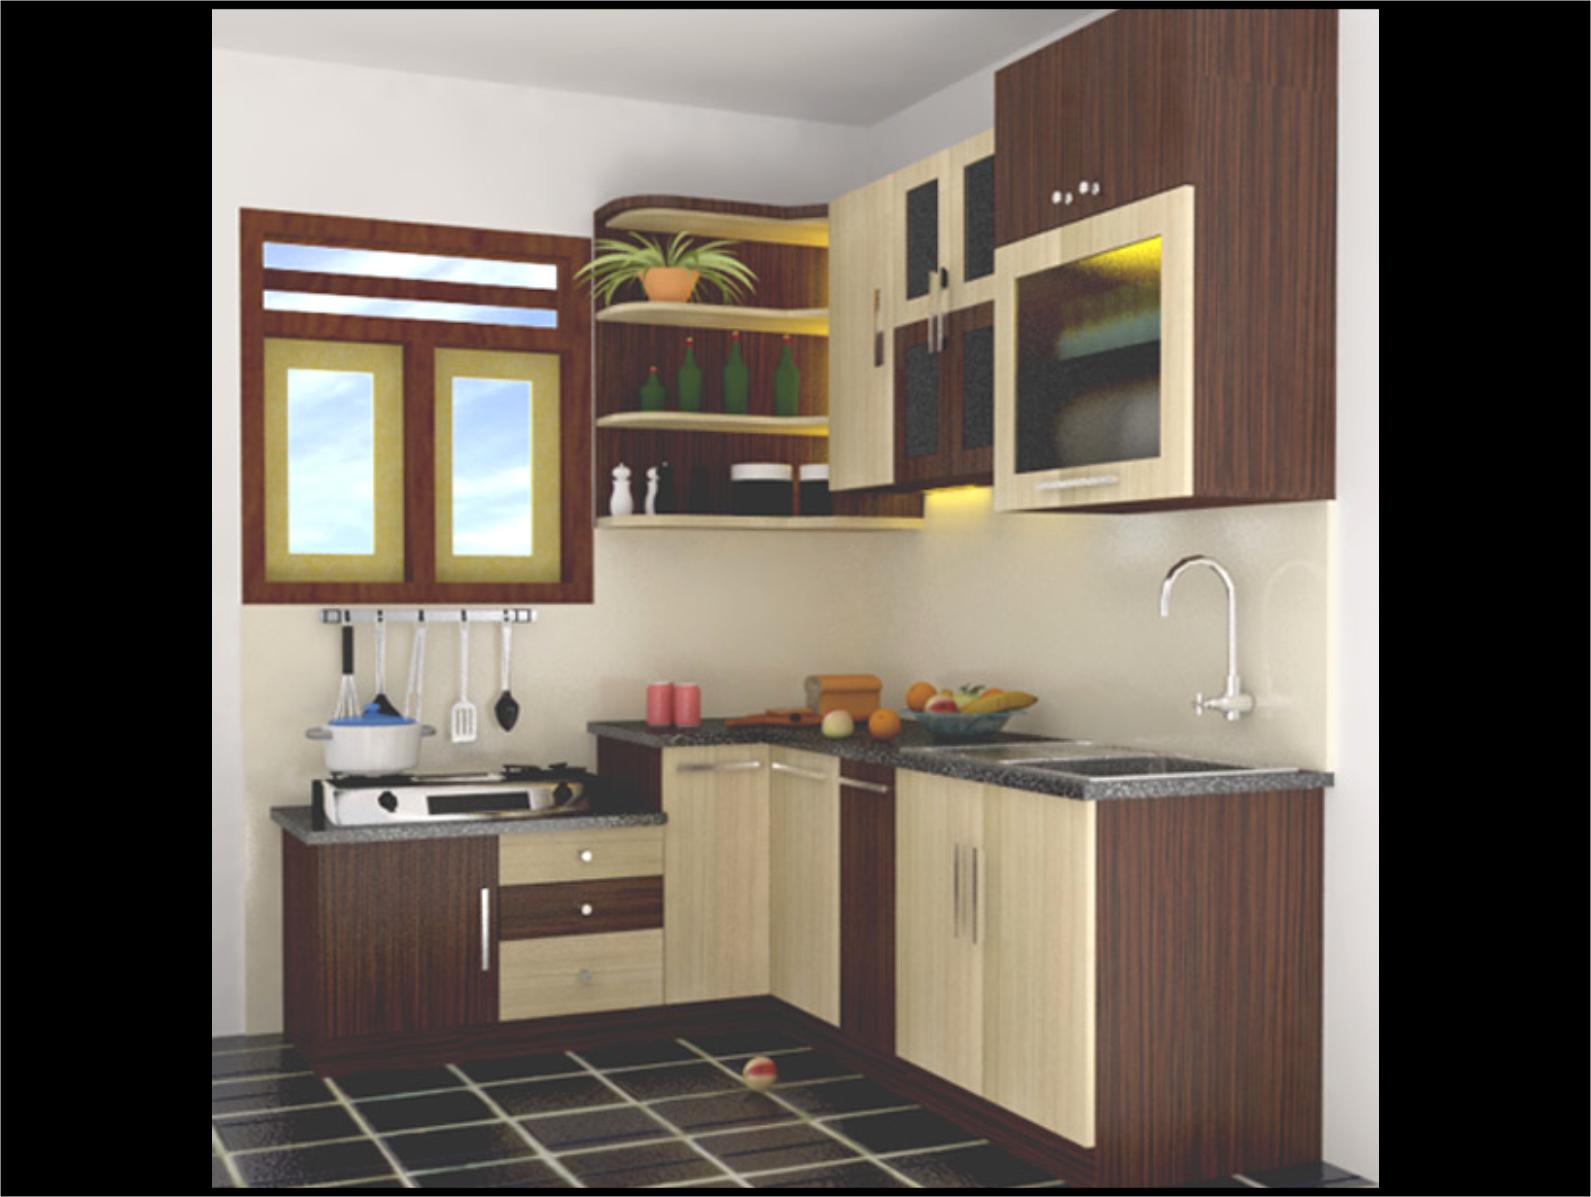 68 Desain Rumah Minimalis Lebar 3 Meter Desain Rumah